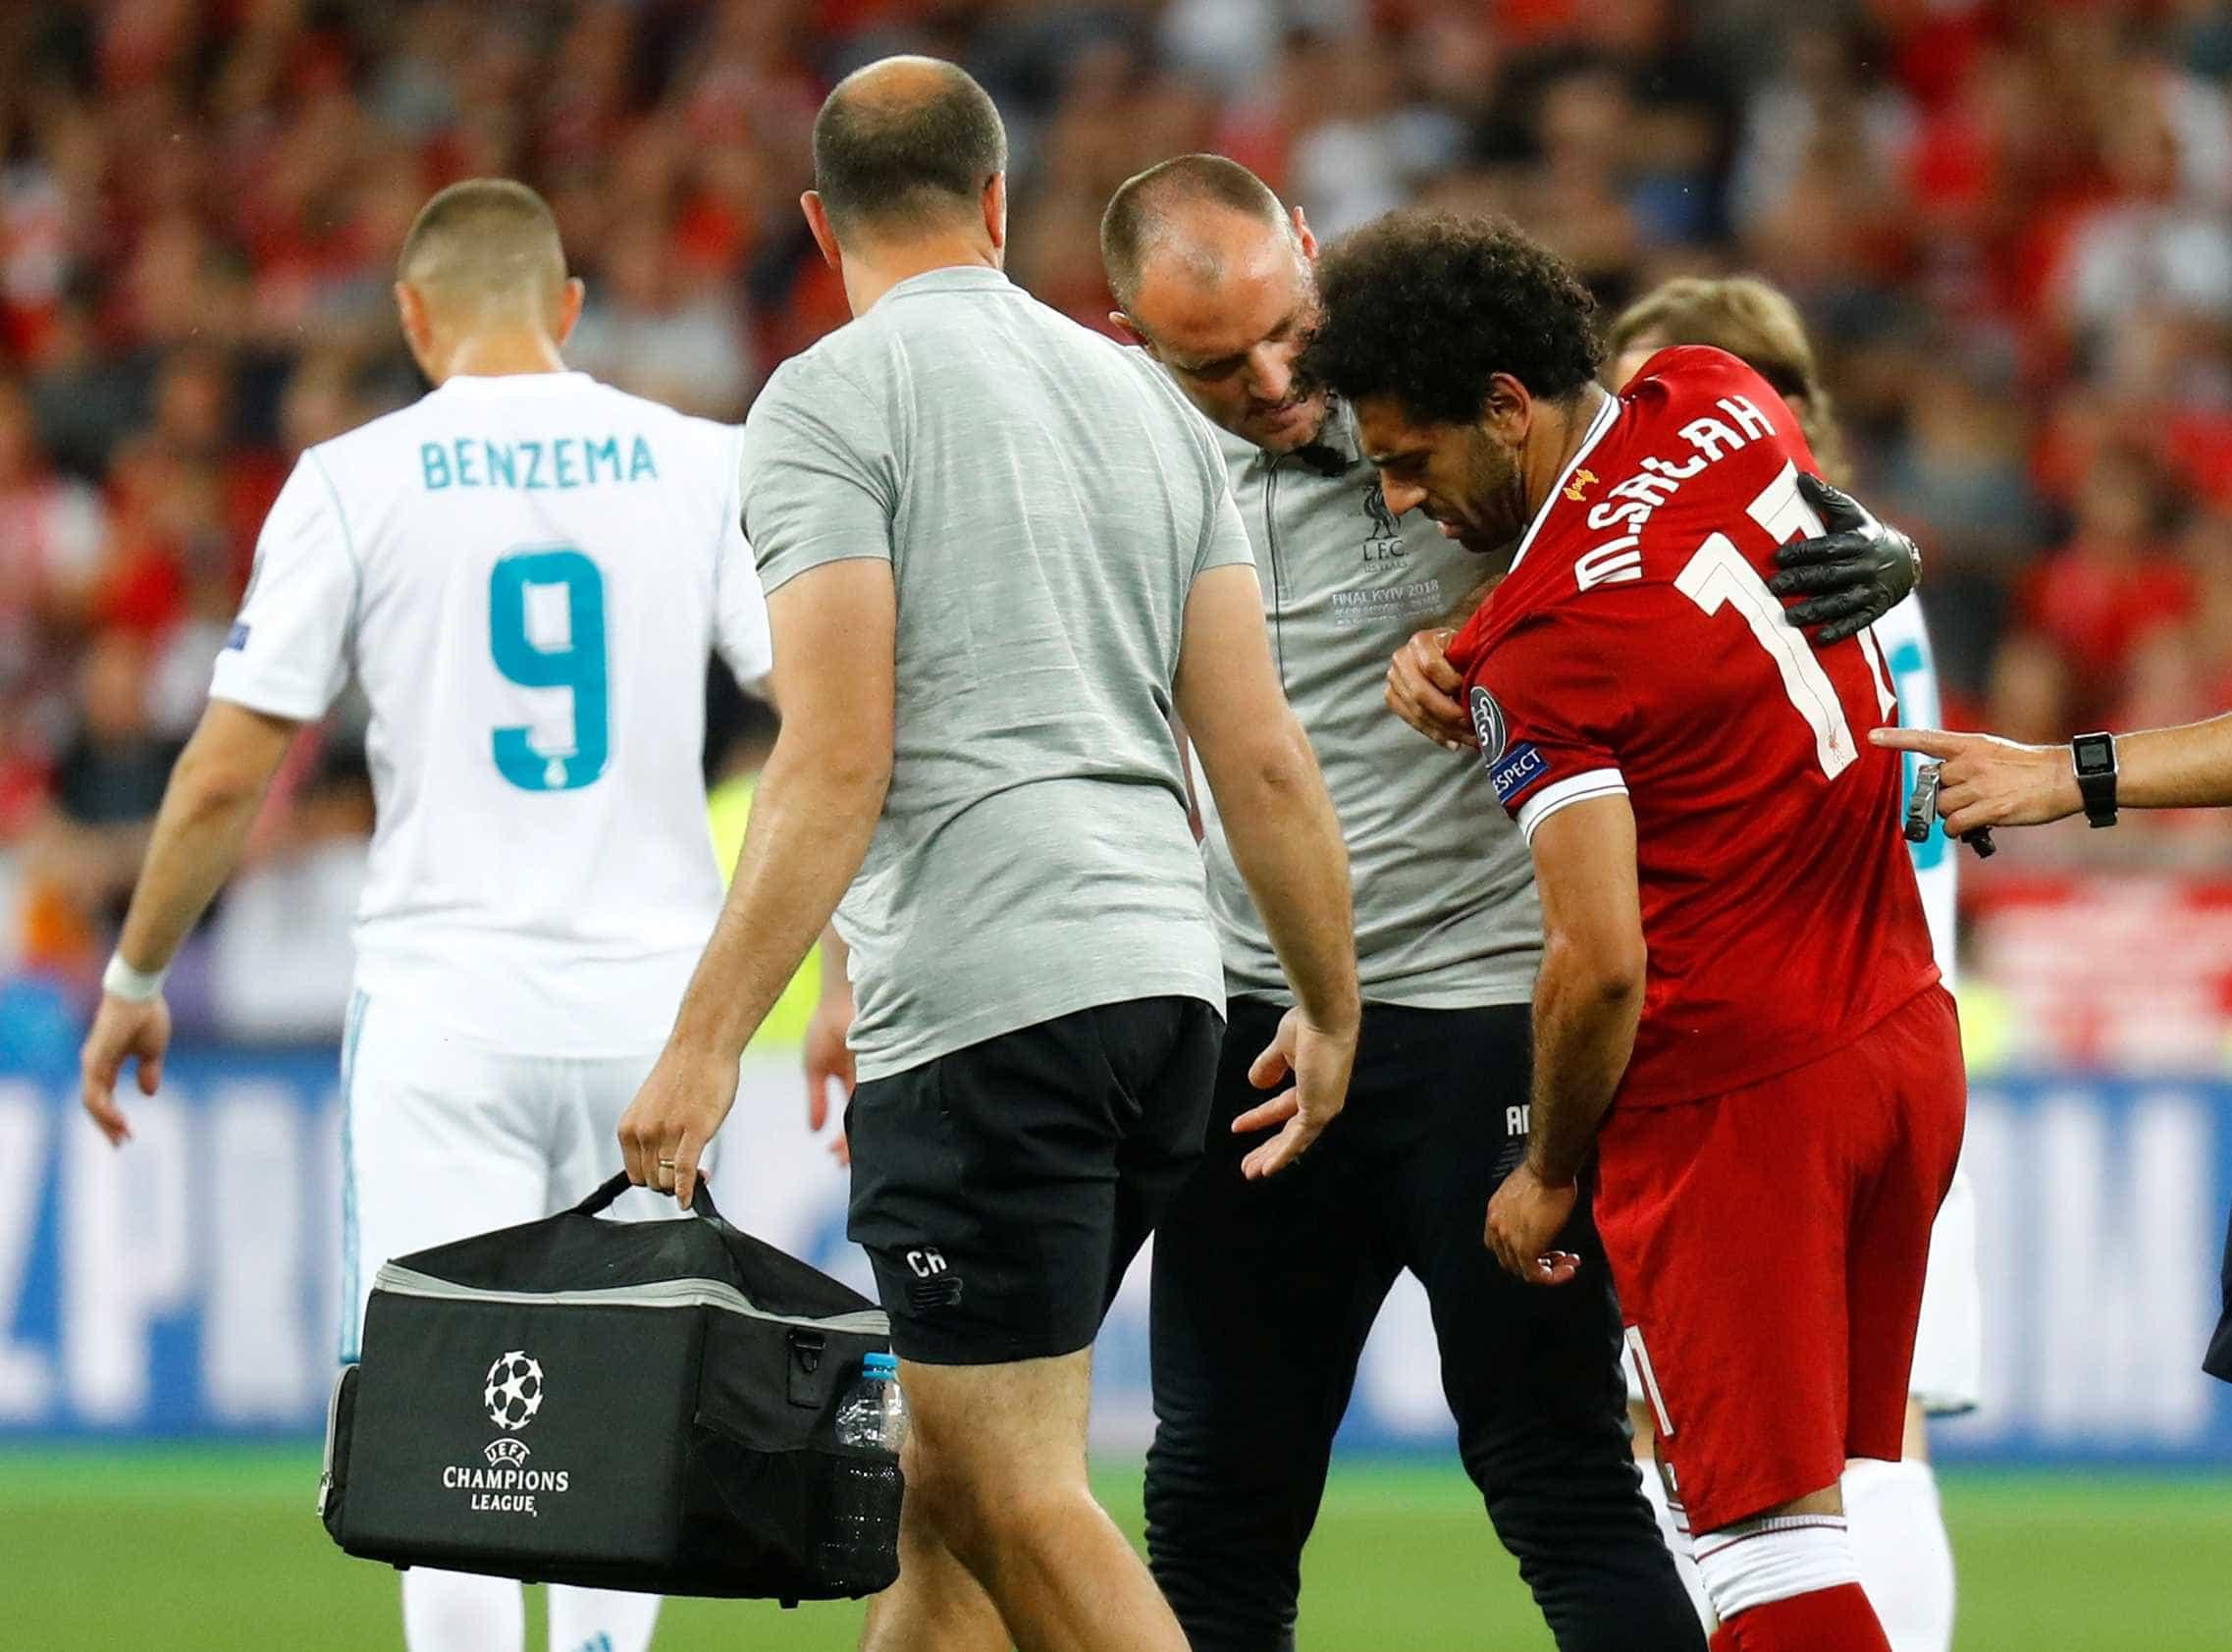 Salah sai de campo chorando após lesão no ombro